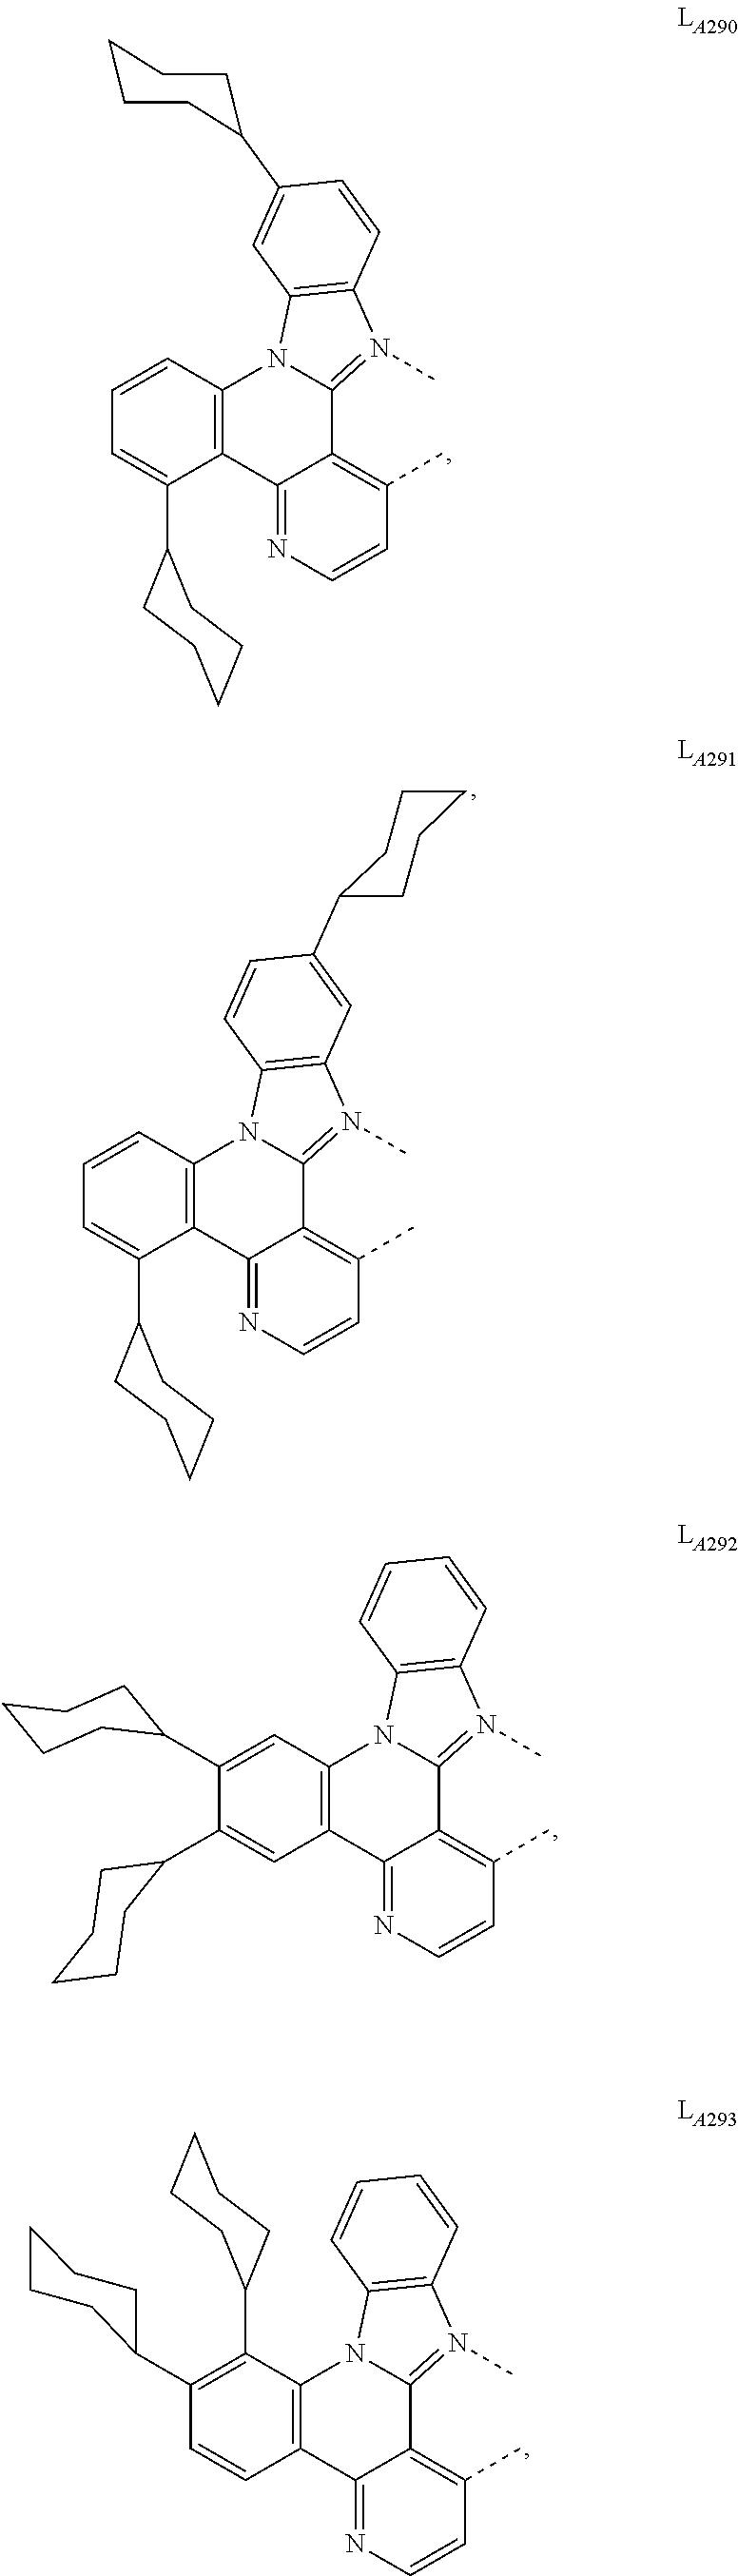 Figure US09905785-20180227-C00093